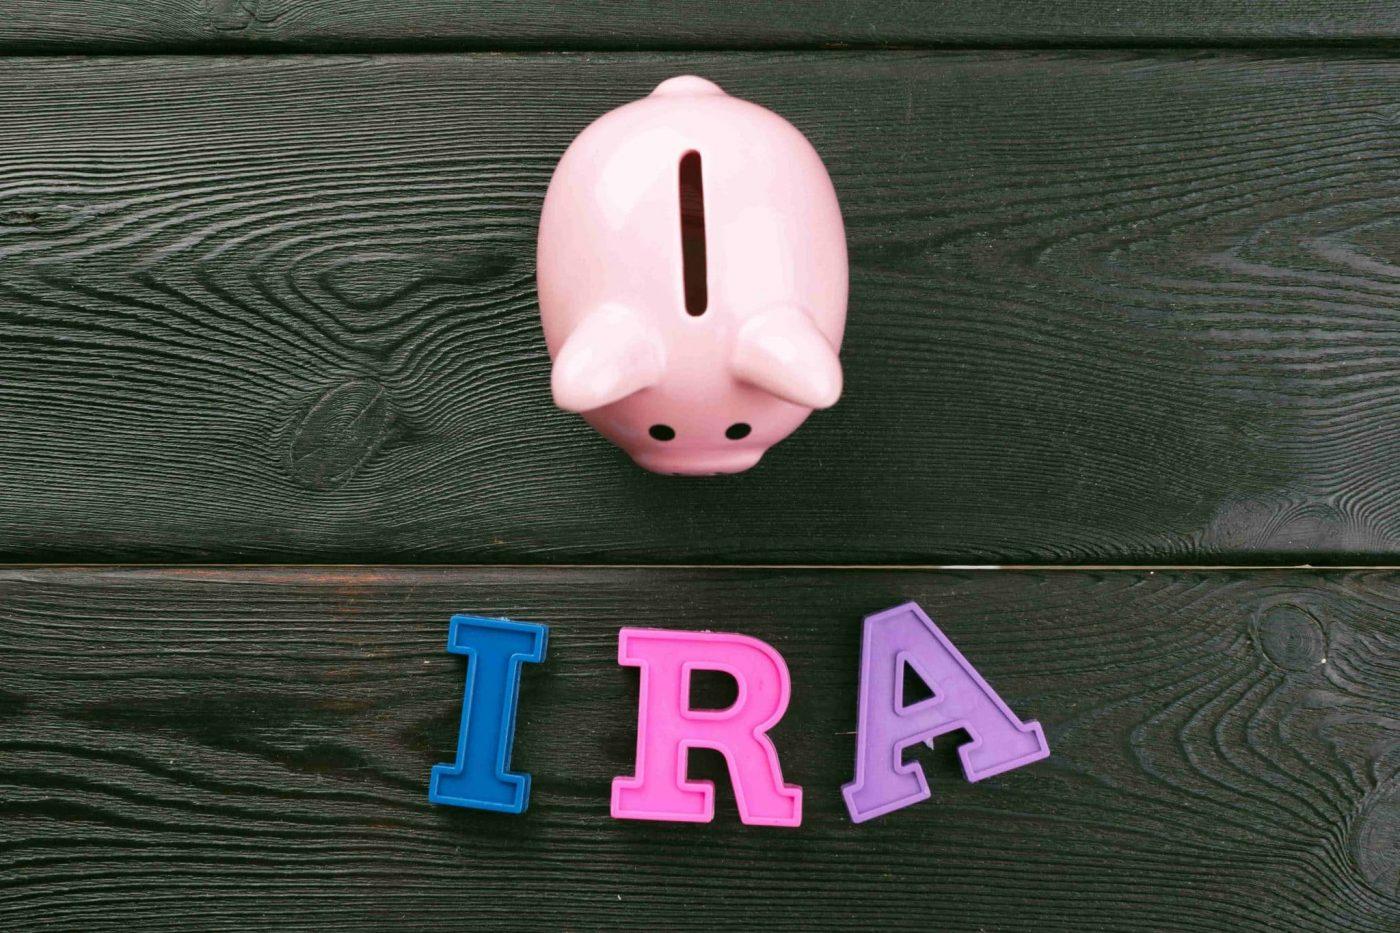 מהם היתרונות והחסרונות של IRA?